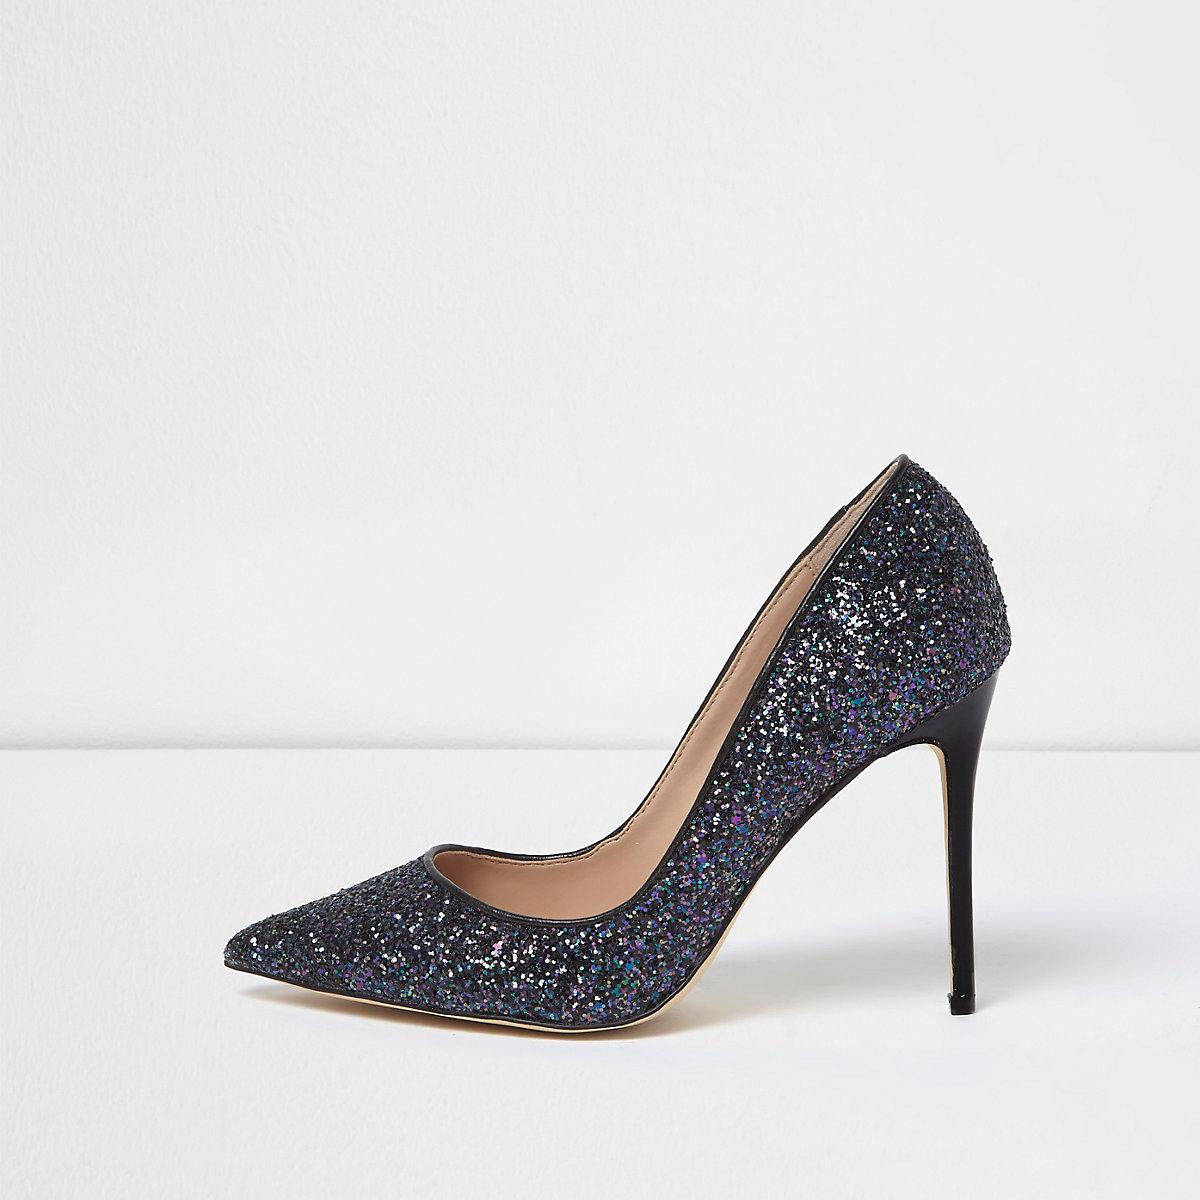 ef3184e6664a Navy glitter court shoes - Shoes   Boots - Sale - women